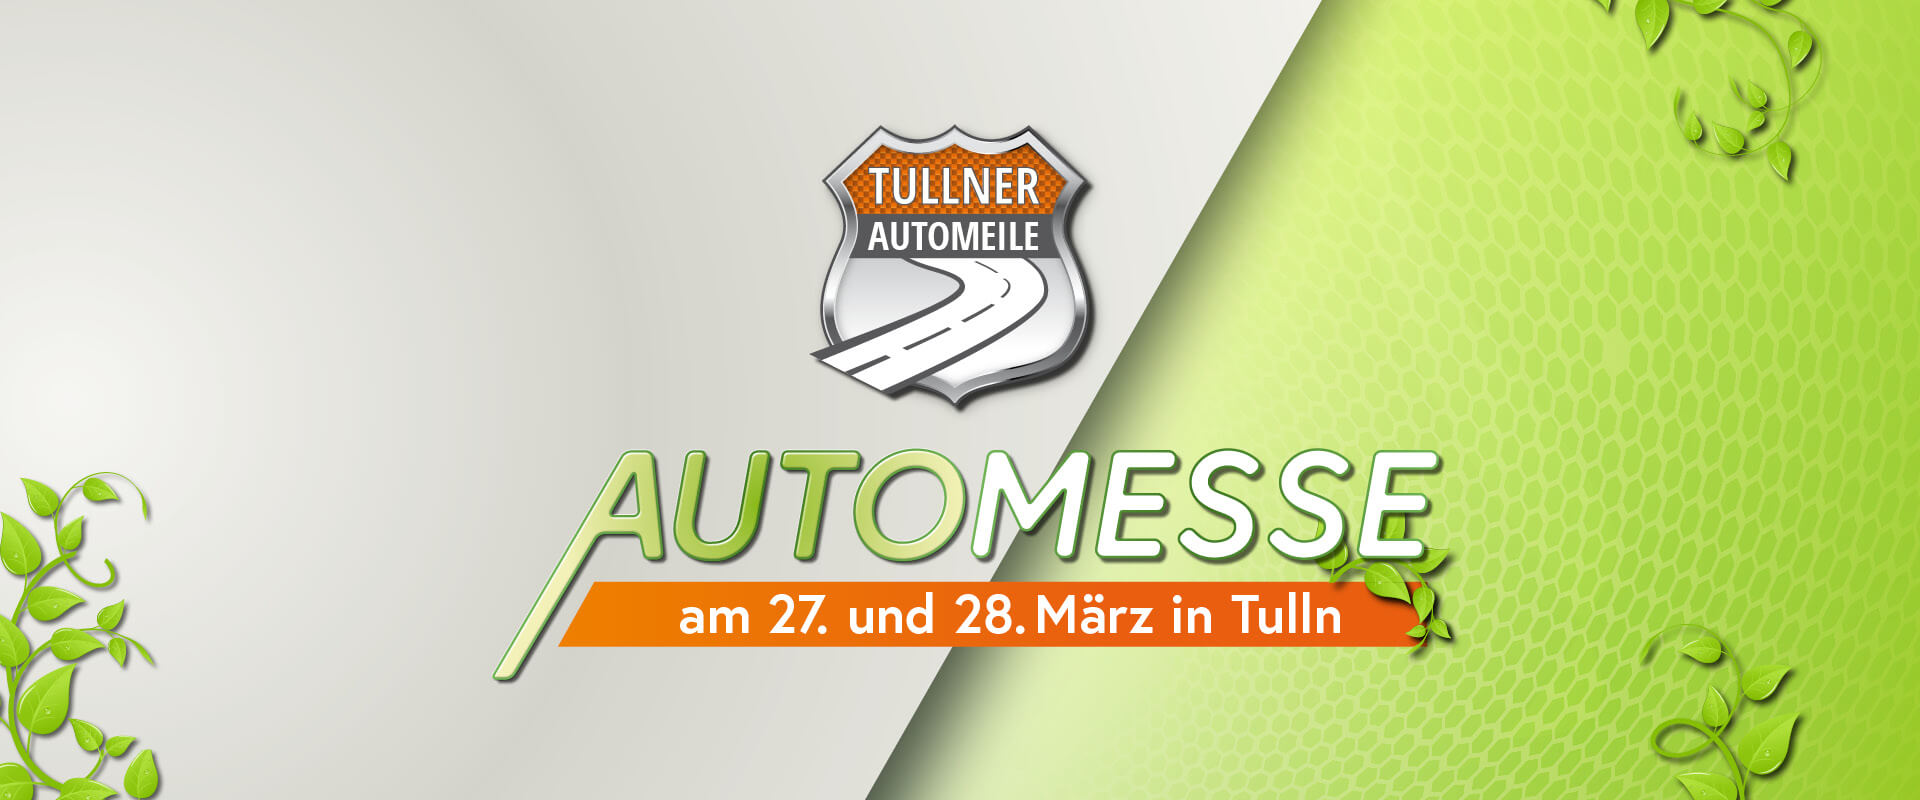 Automesse der Tullner Automeile von 27. bis 28. März 2020